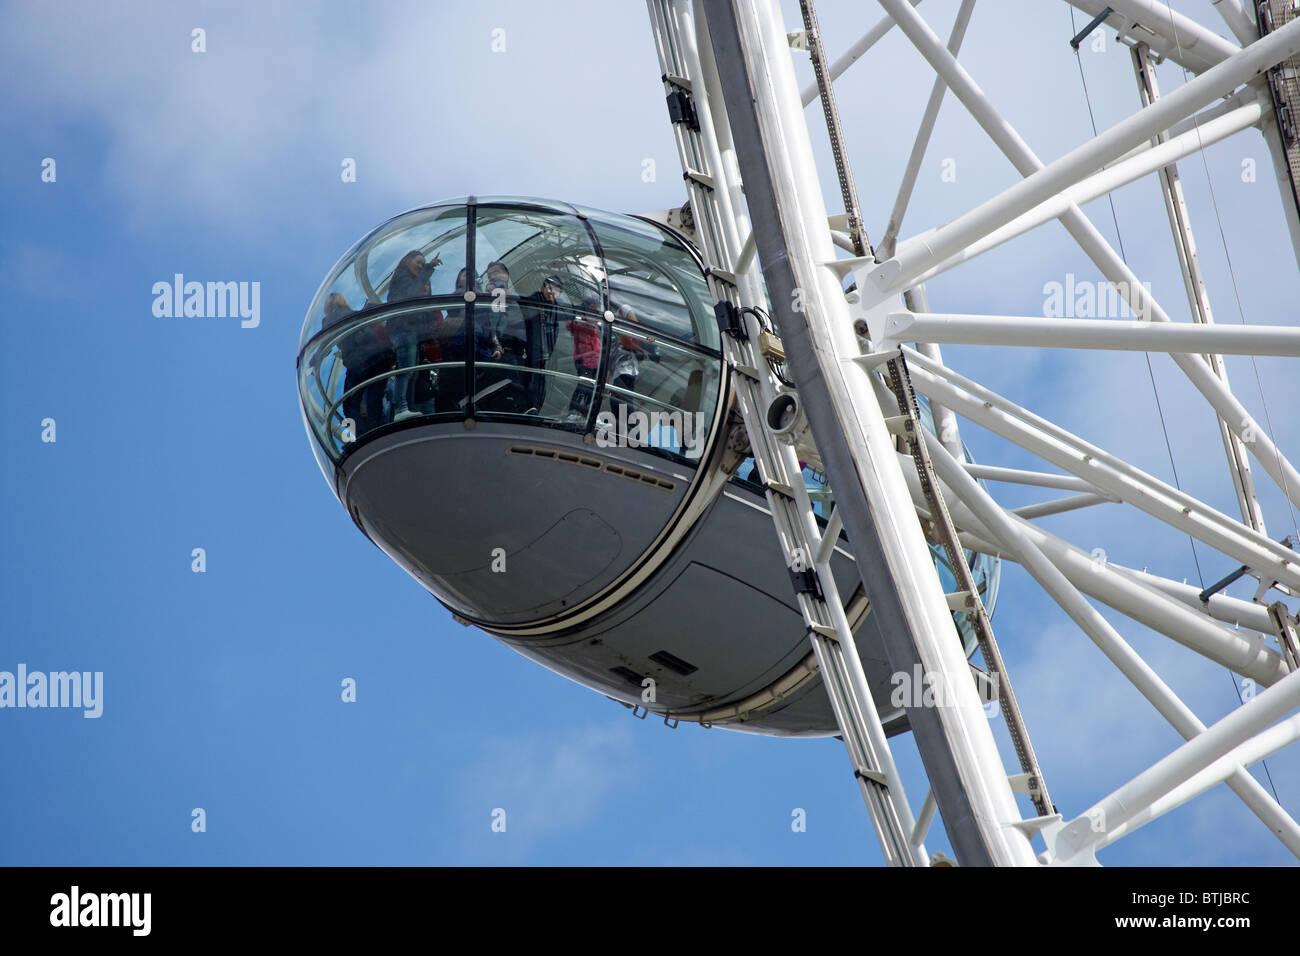 Passenger capsule on London Eye, London, England, United Kingdom - Stock Image